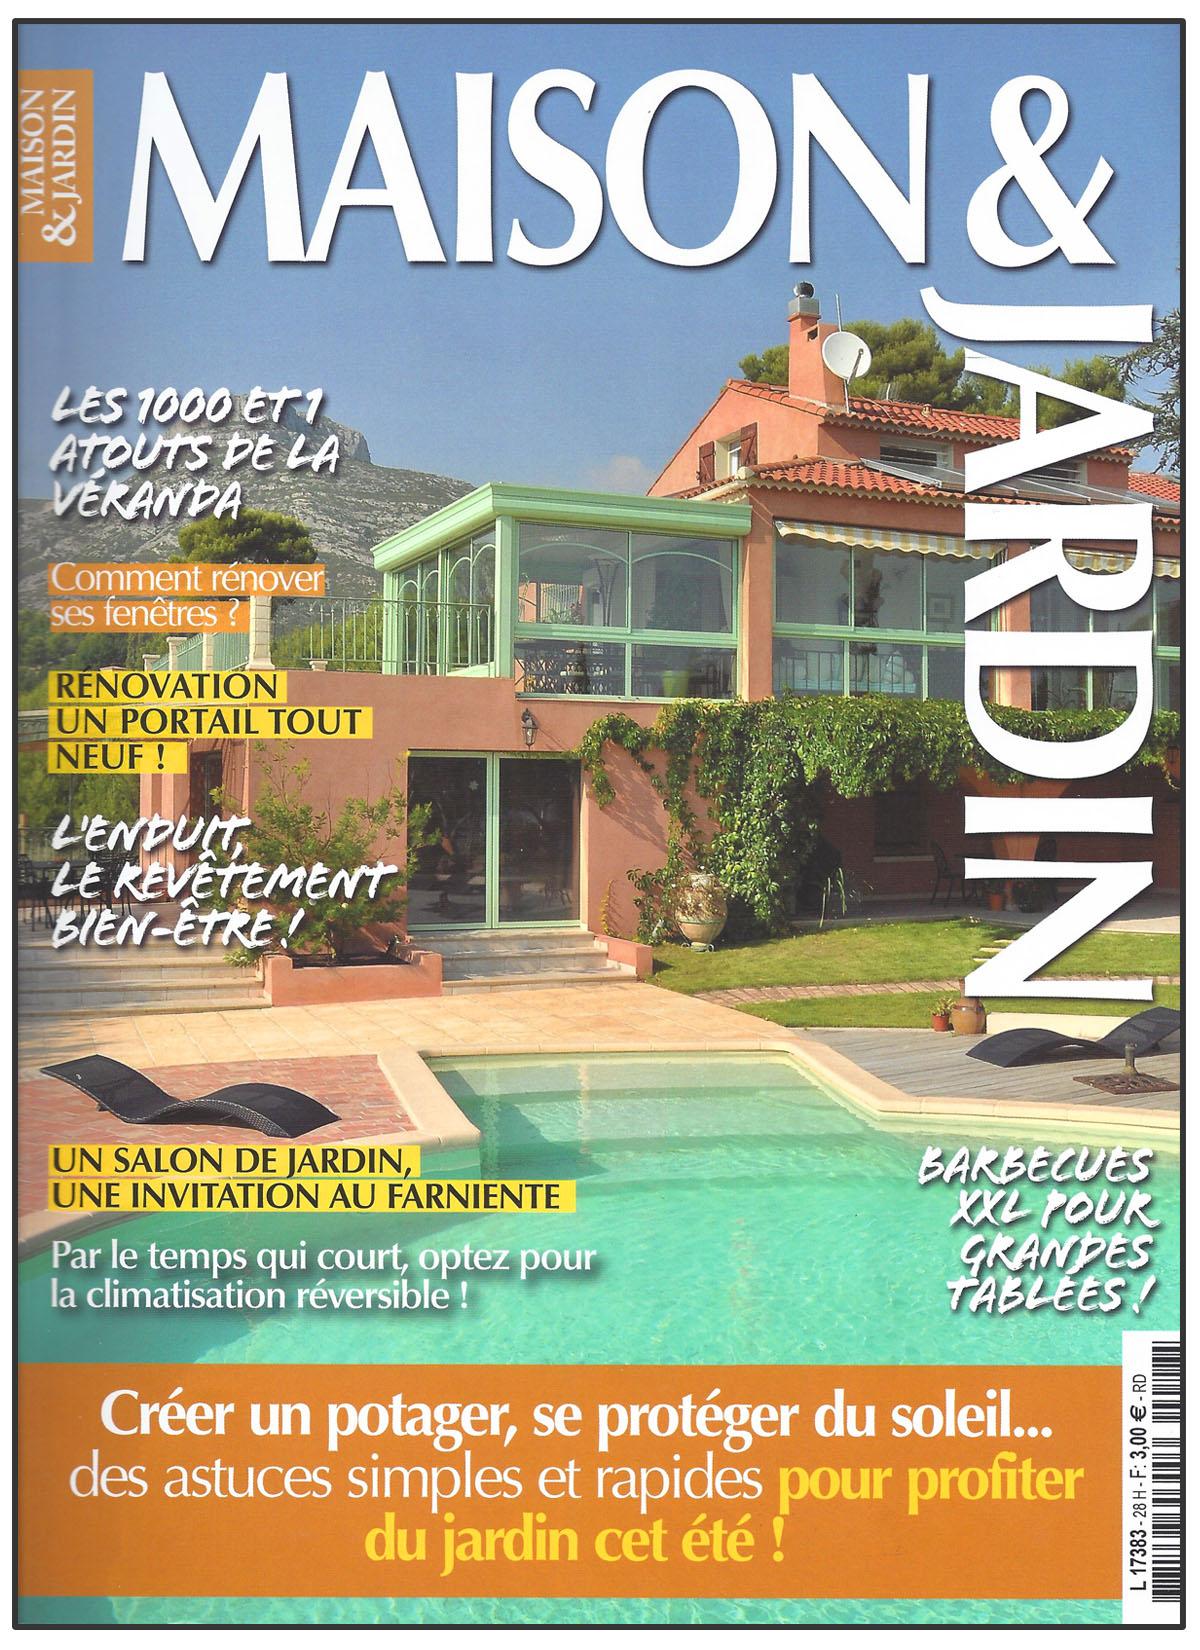 Almateon dans la presse almateon for Magazine maison jardin